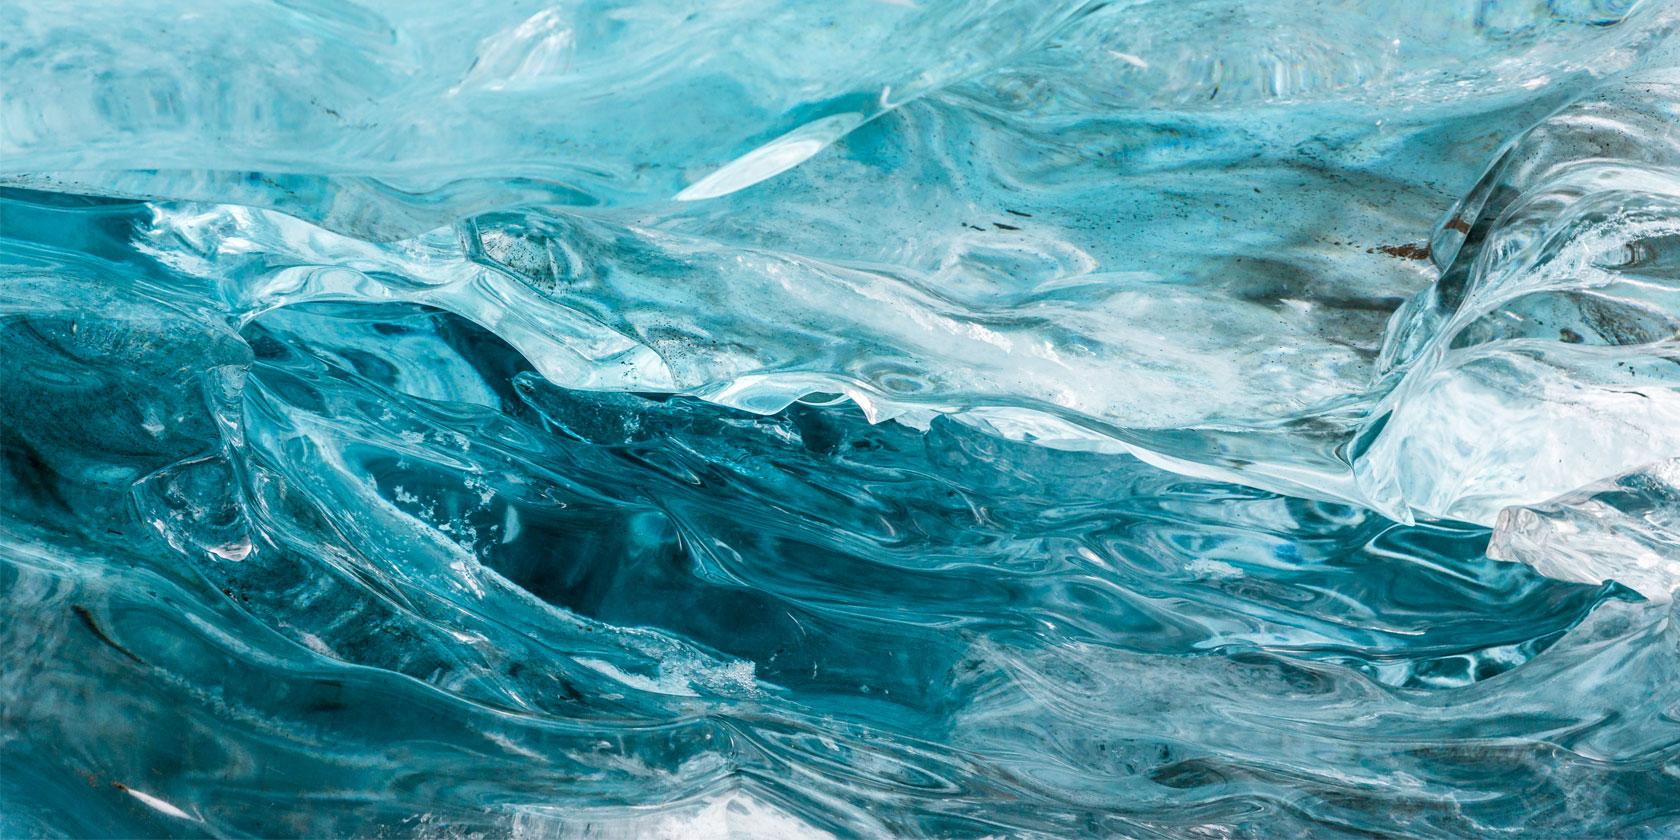 gletscherwasser hautpflege